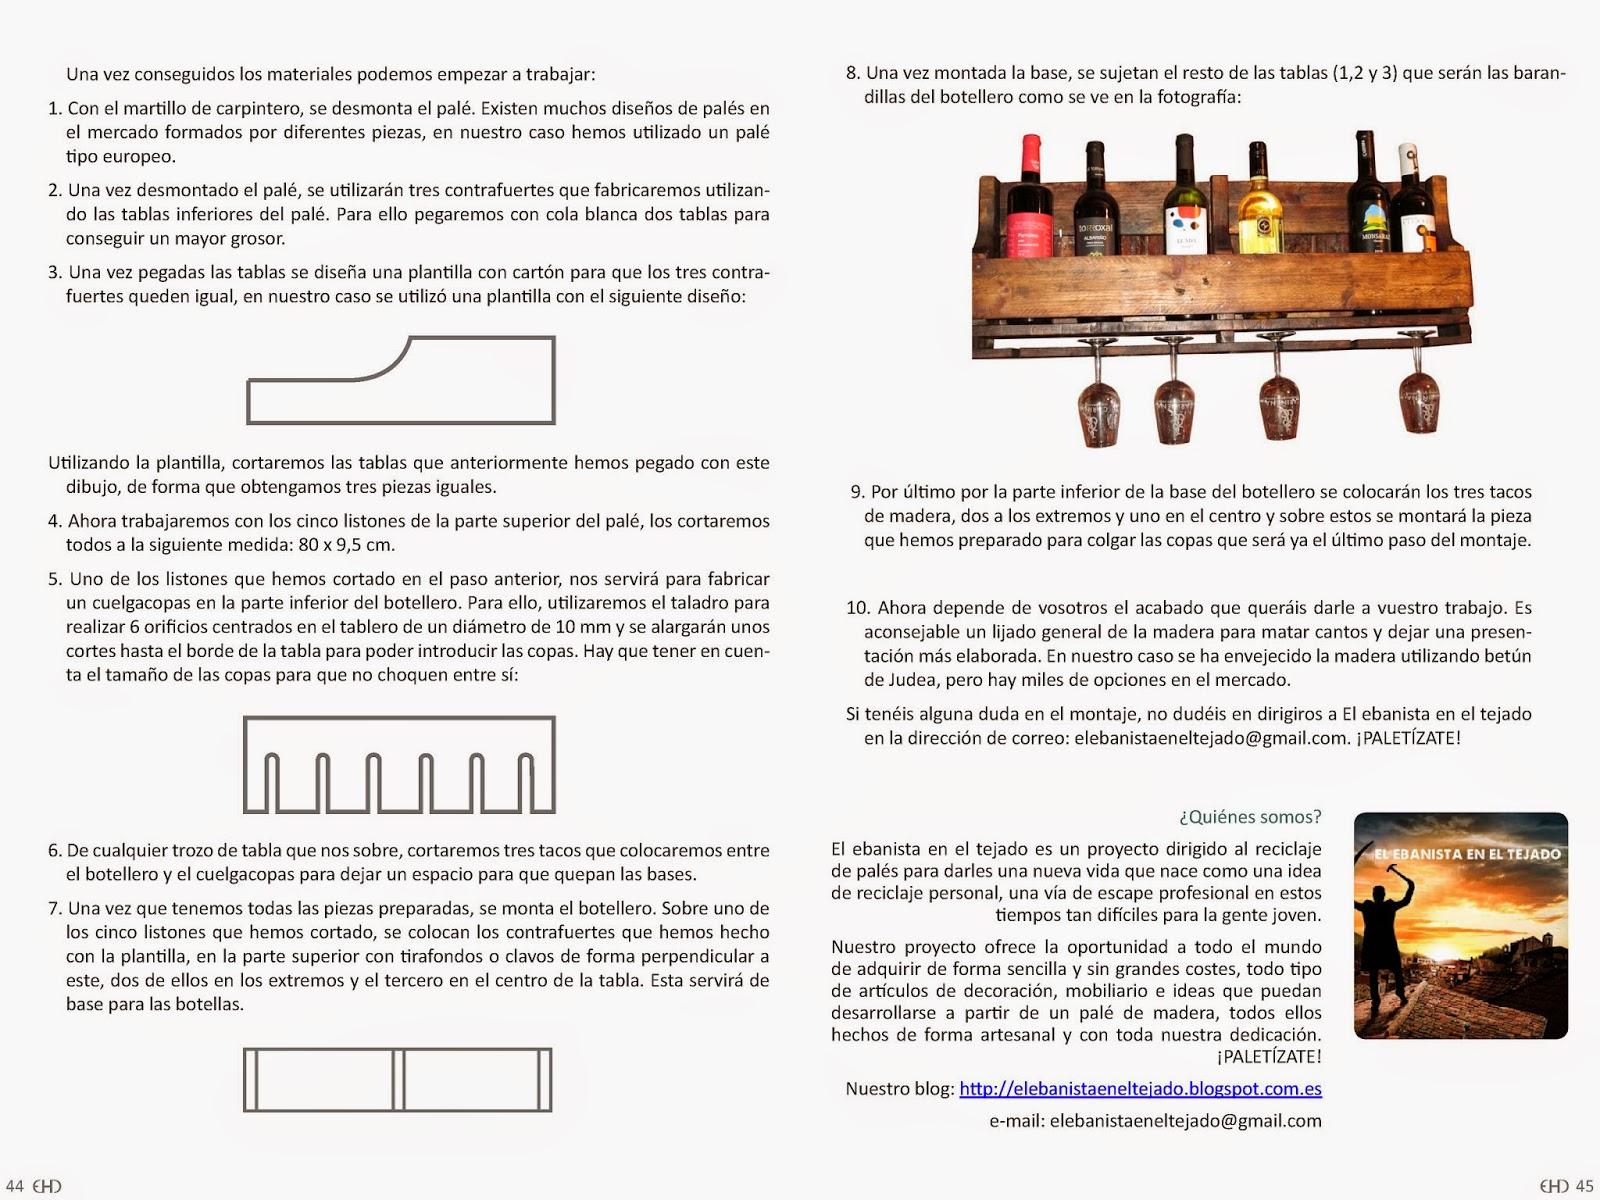 Hazlo t mism aprende a hacer un botellero con pal s por adri n campillo ehd magazine - Reciclaje de pales ...